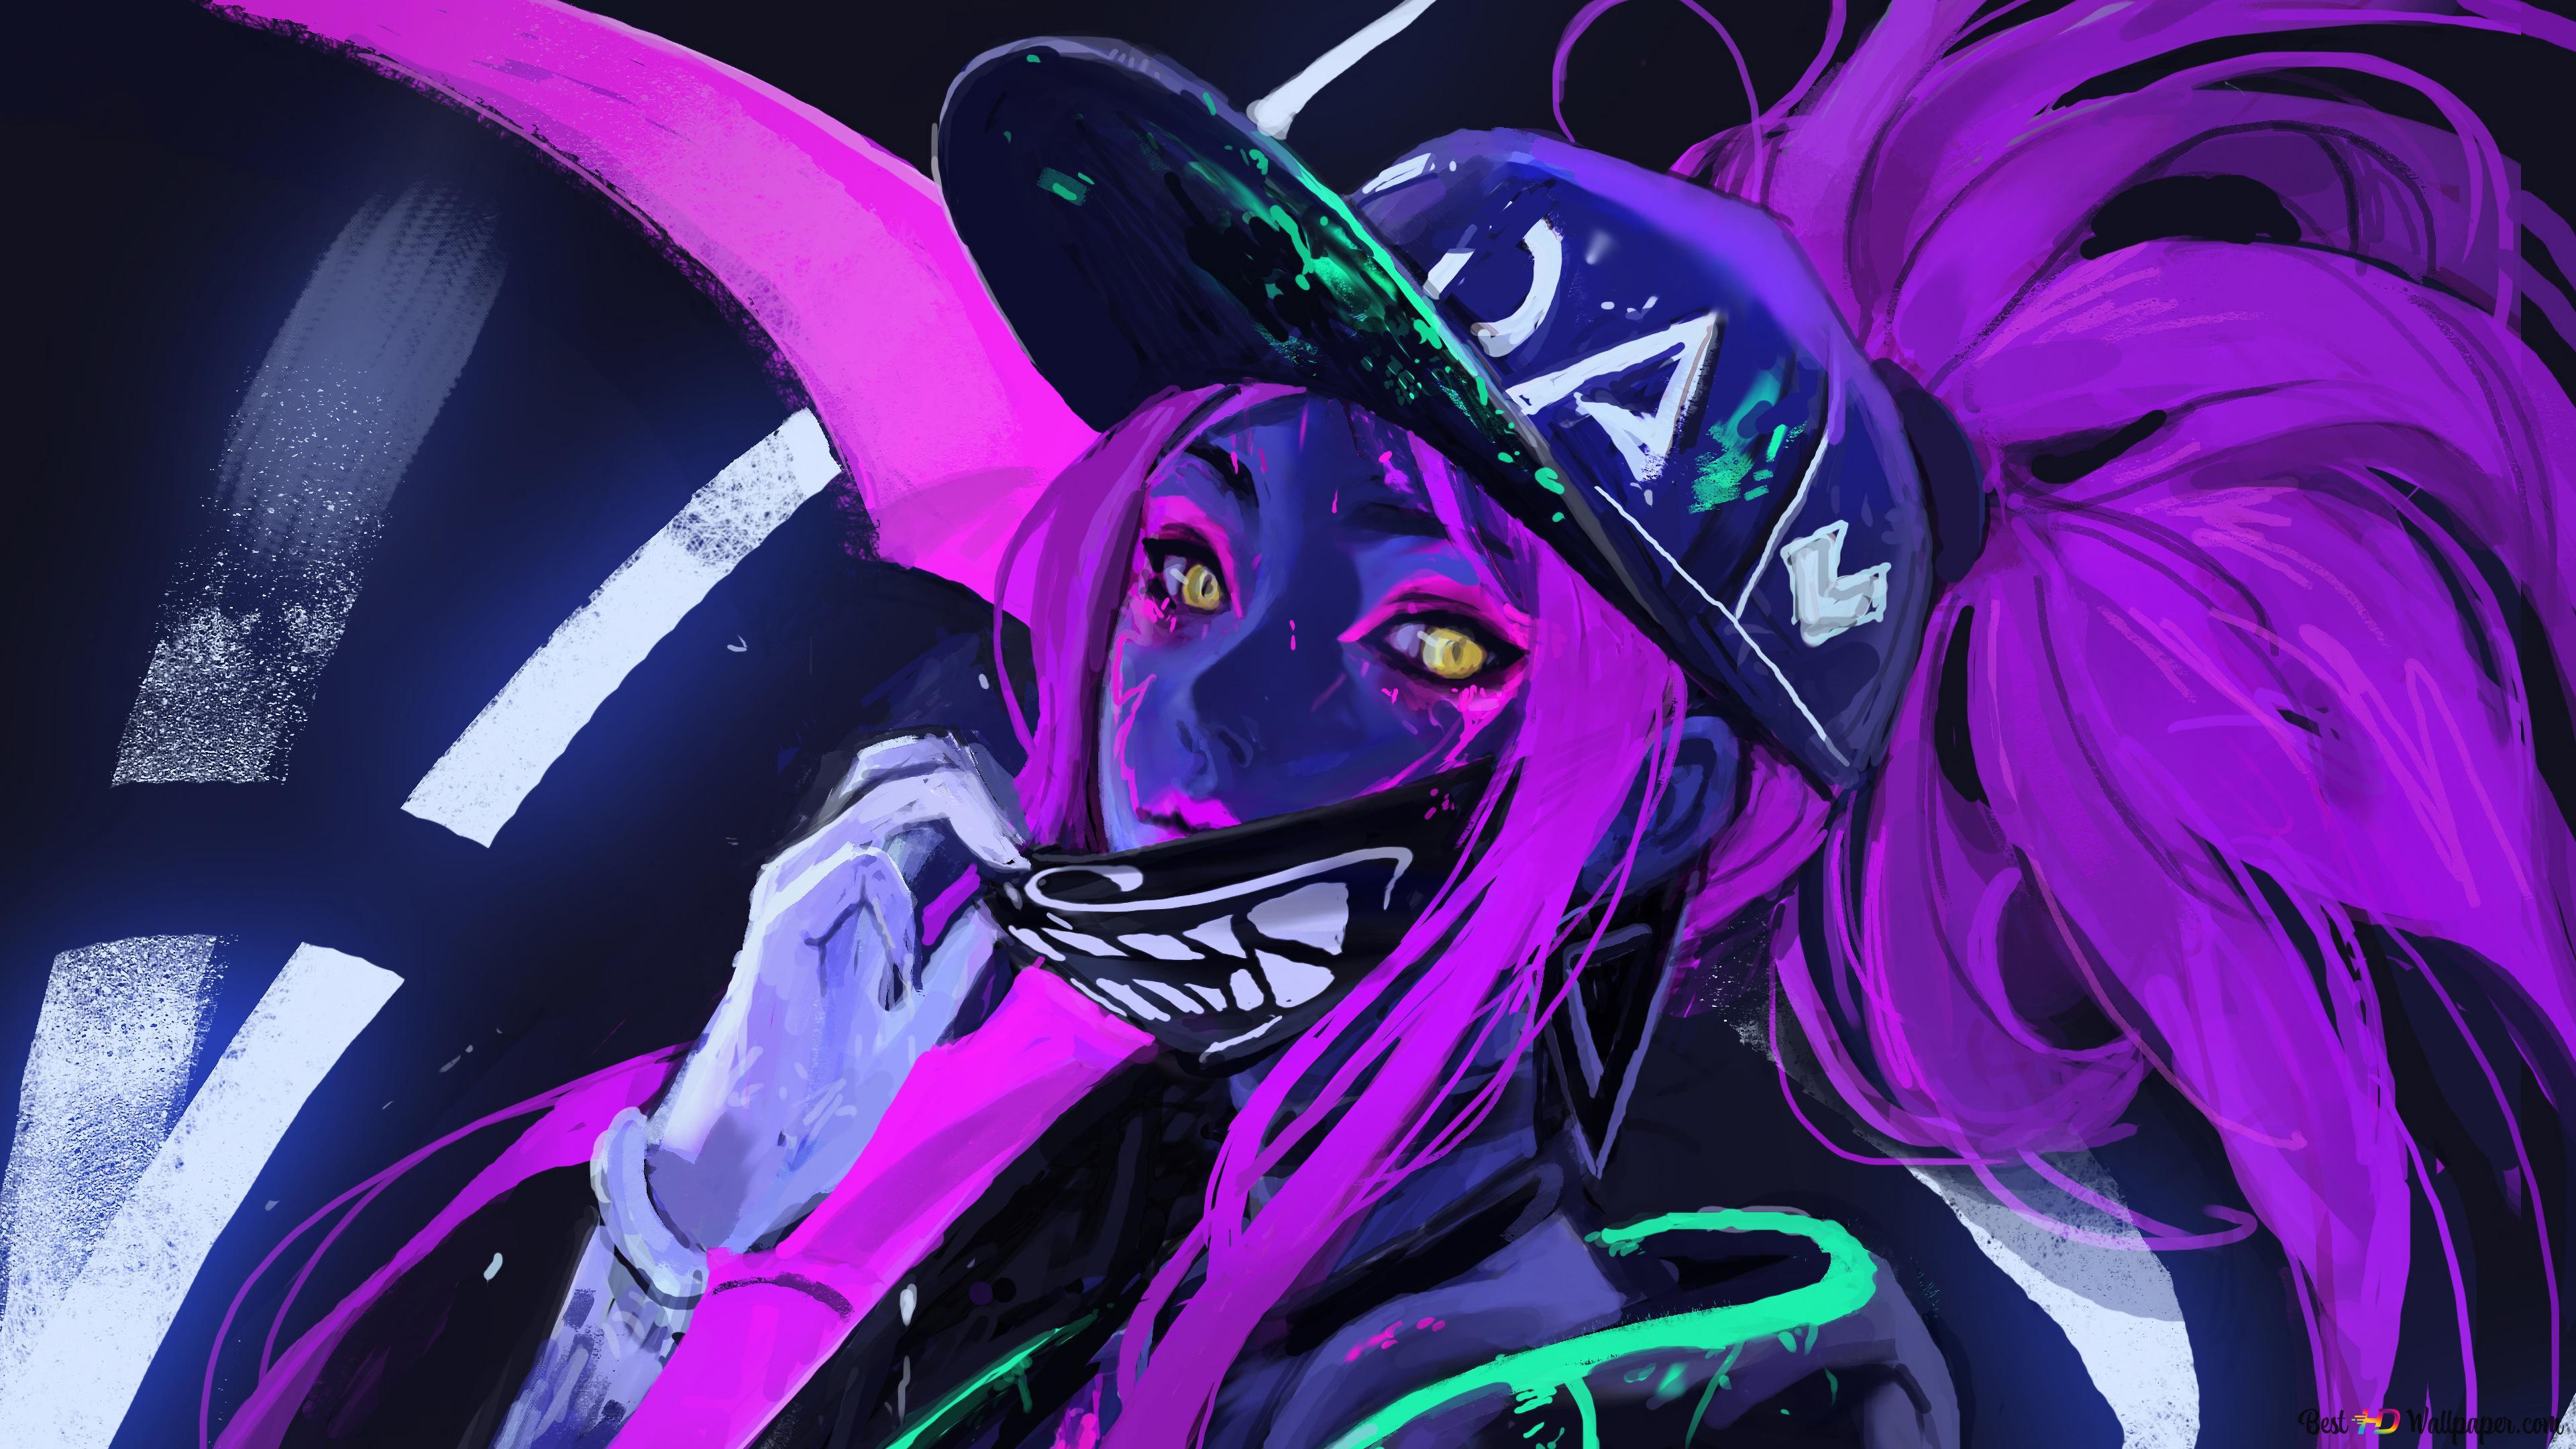 League Of Legends Lol K Da Akali Neon Hd Wallpaper Download